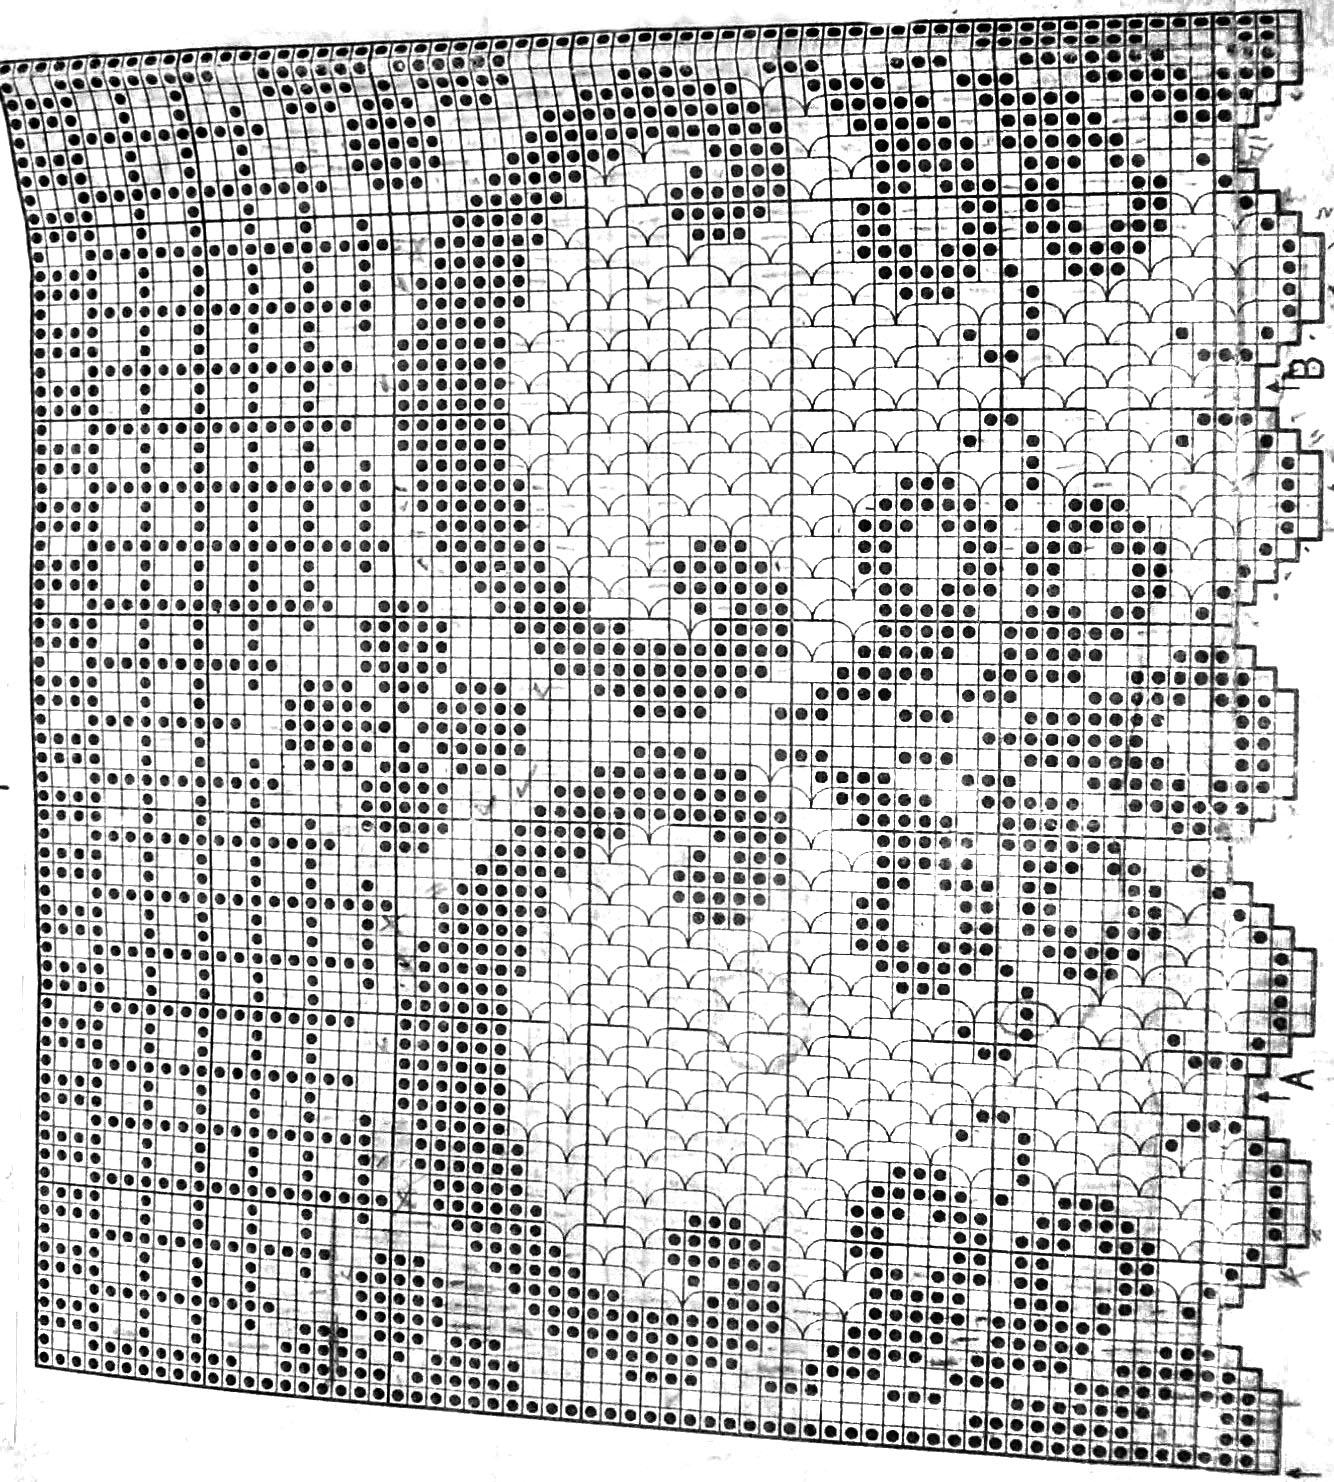 Юбка в филейной технике крючком схема